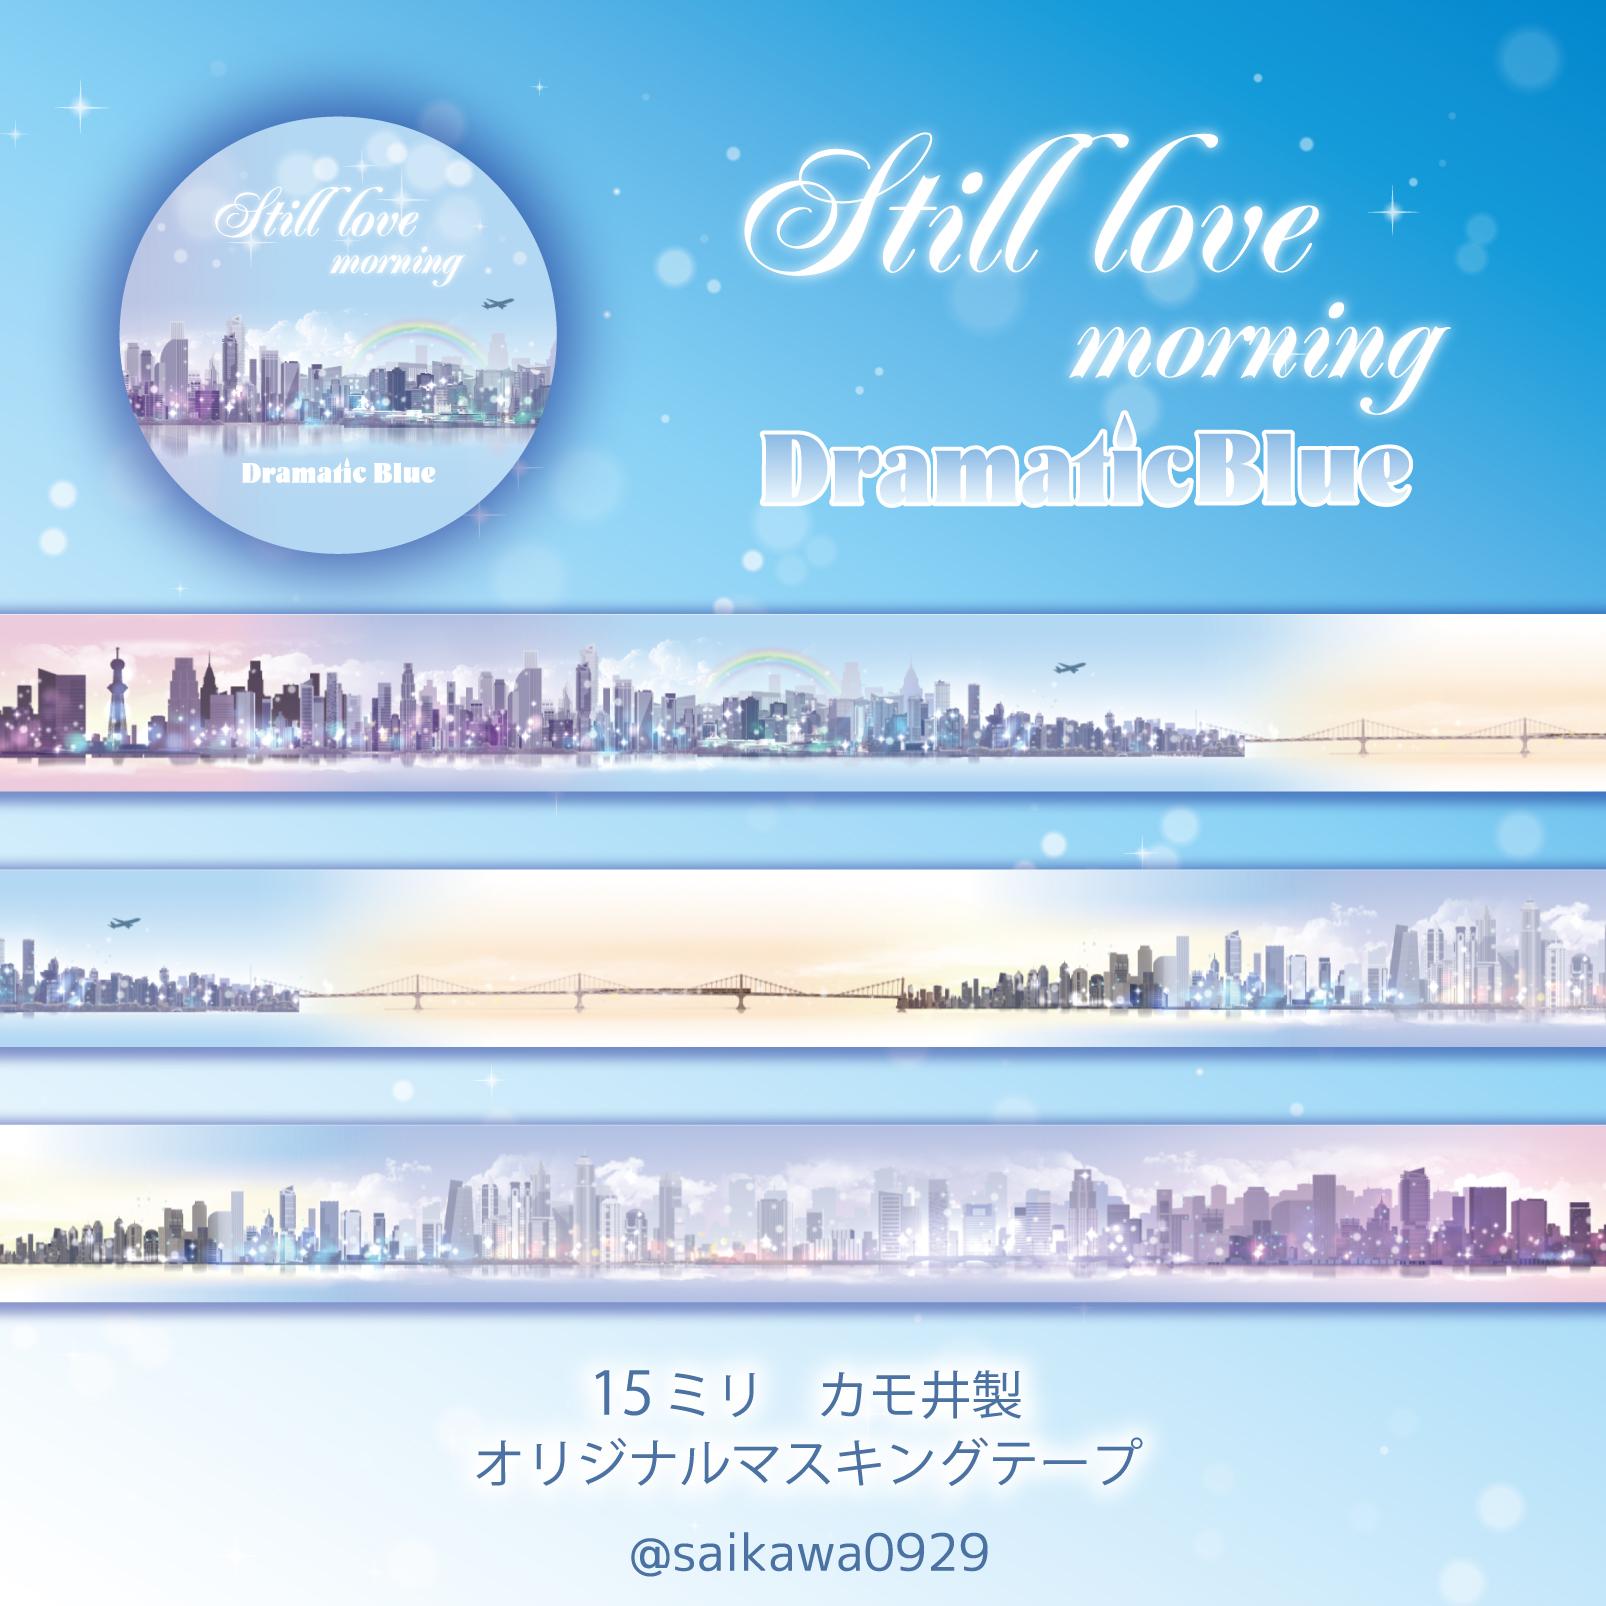 StillLove_morning告知画像